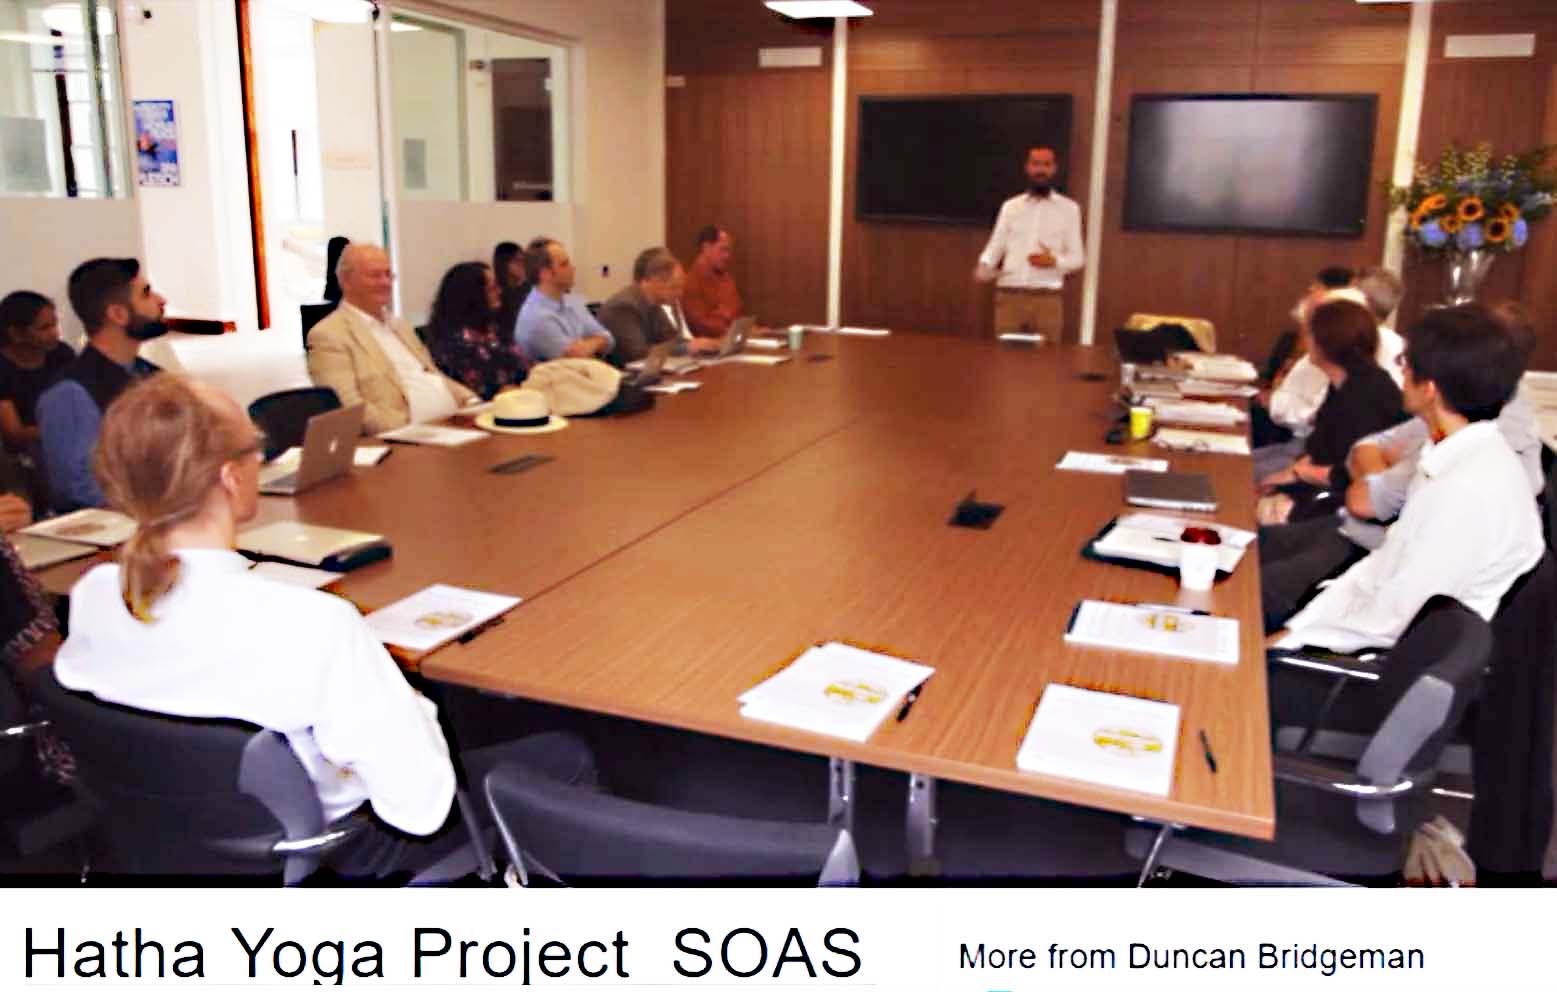 Wetenschapper vertalen gezamenlijk Sanskriet Teksten - Scholars translating by SOAS Hatha Yoga Project Students - James Mallinson - Alexis Sanderson.jpg